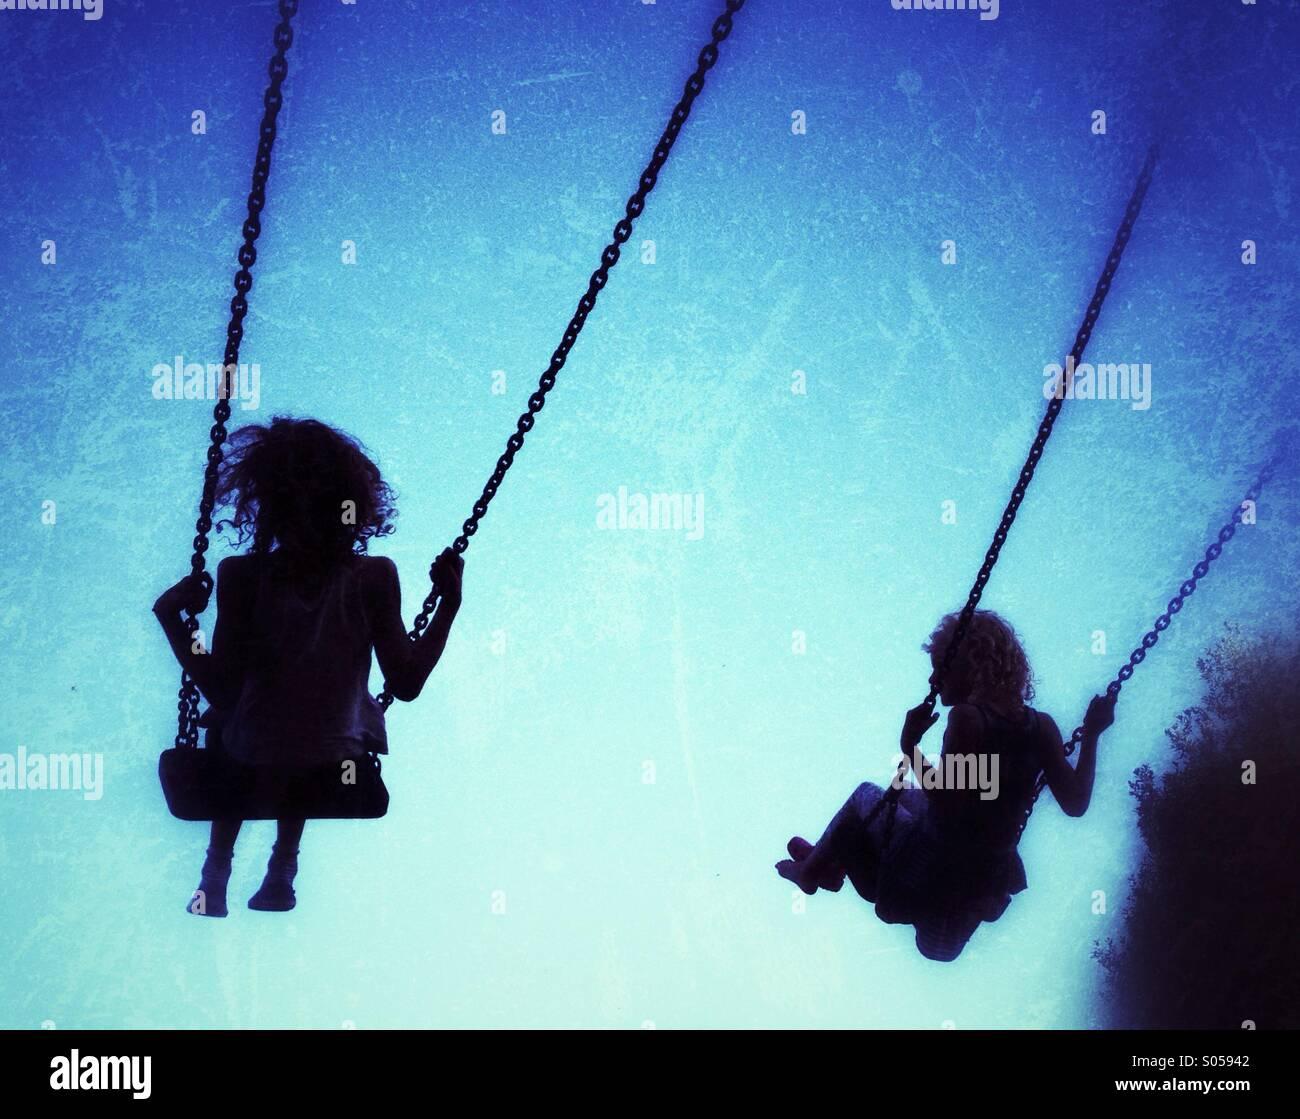 Zwei Mädchen auf Schaukel Silhouette gegen blauen Himmel Stockbild